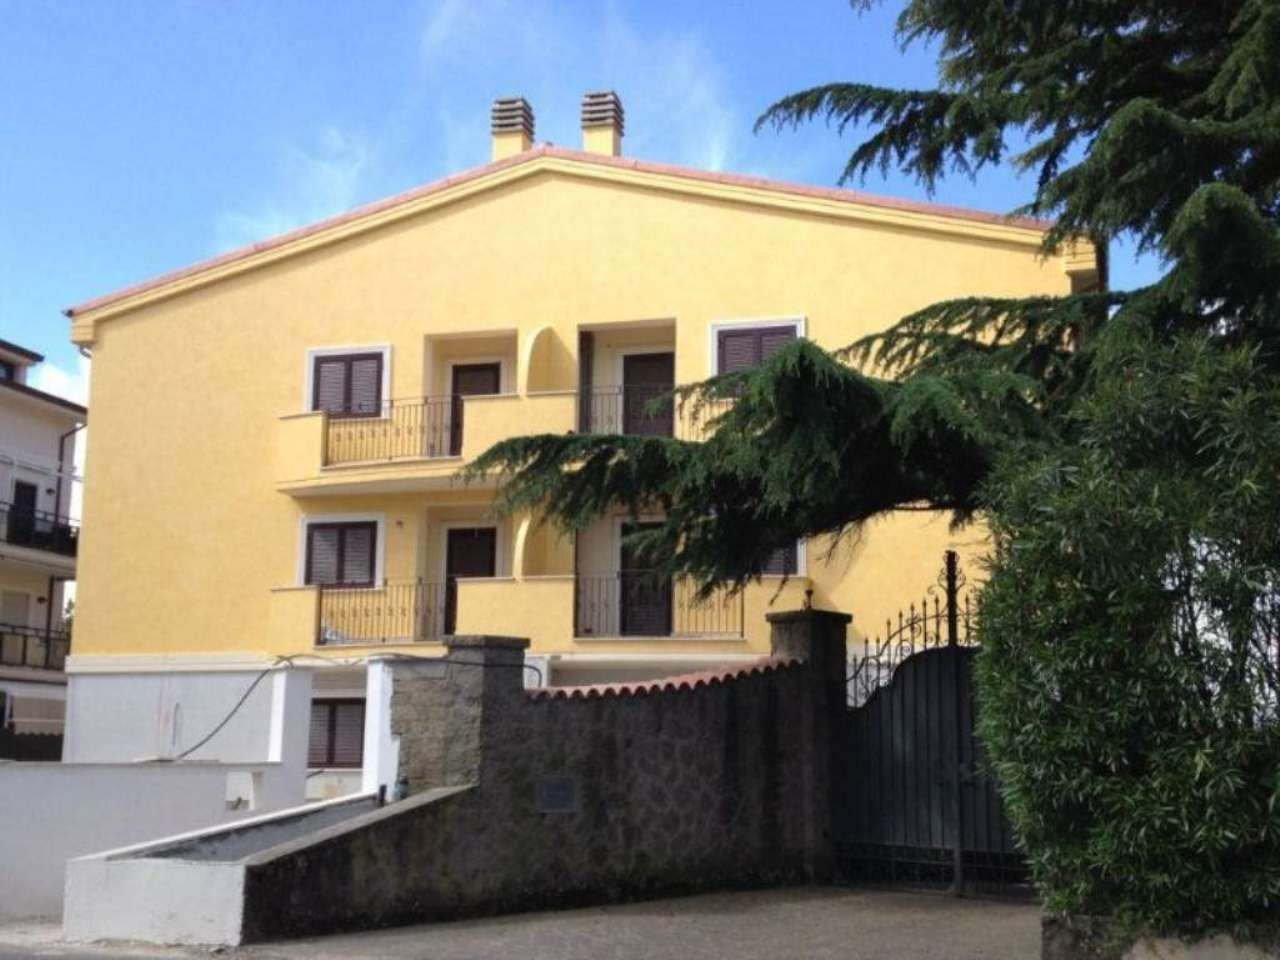 Bilocale Marino Via Vecchia Di Grottaferrata 8